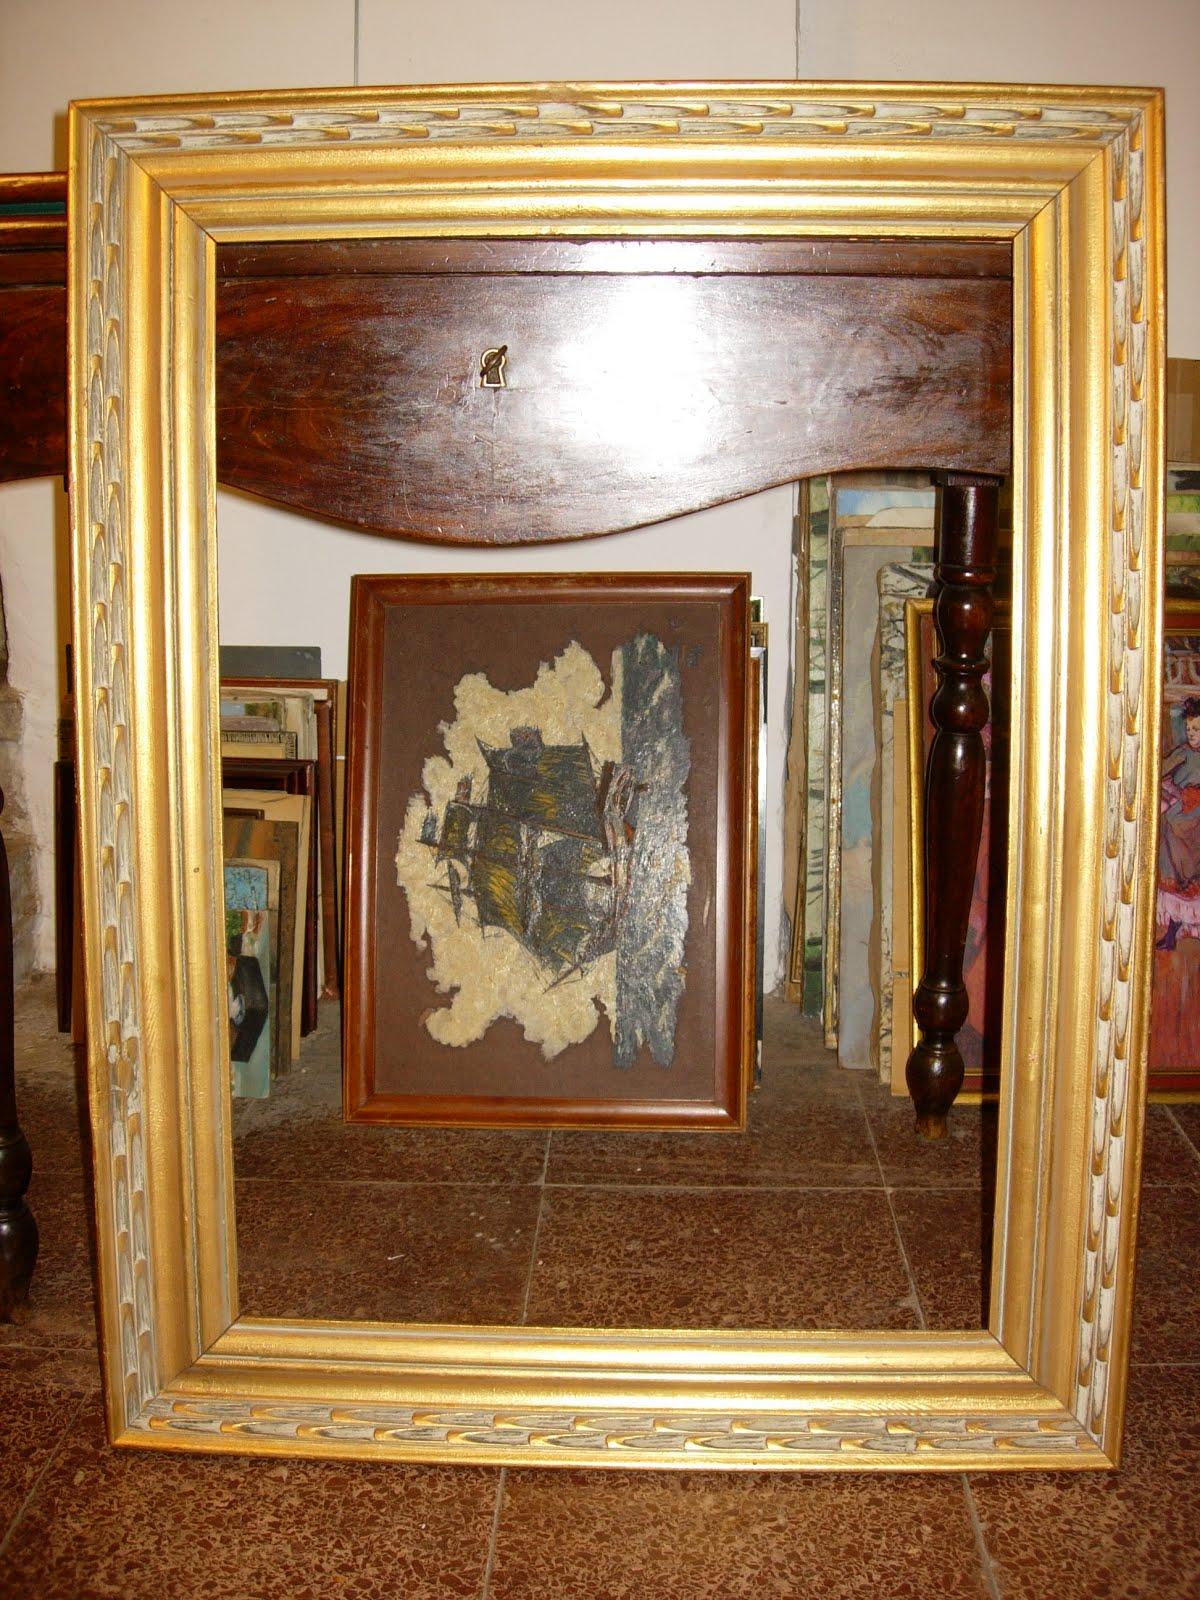 Antig edades fern ndez muebles espejos marcos - Marcos espejos antiguos ...